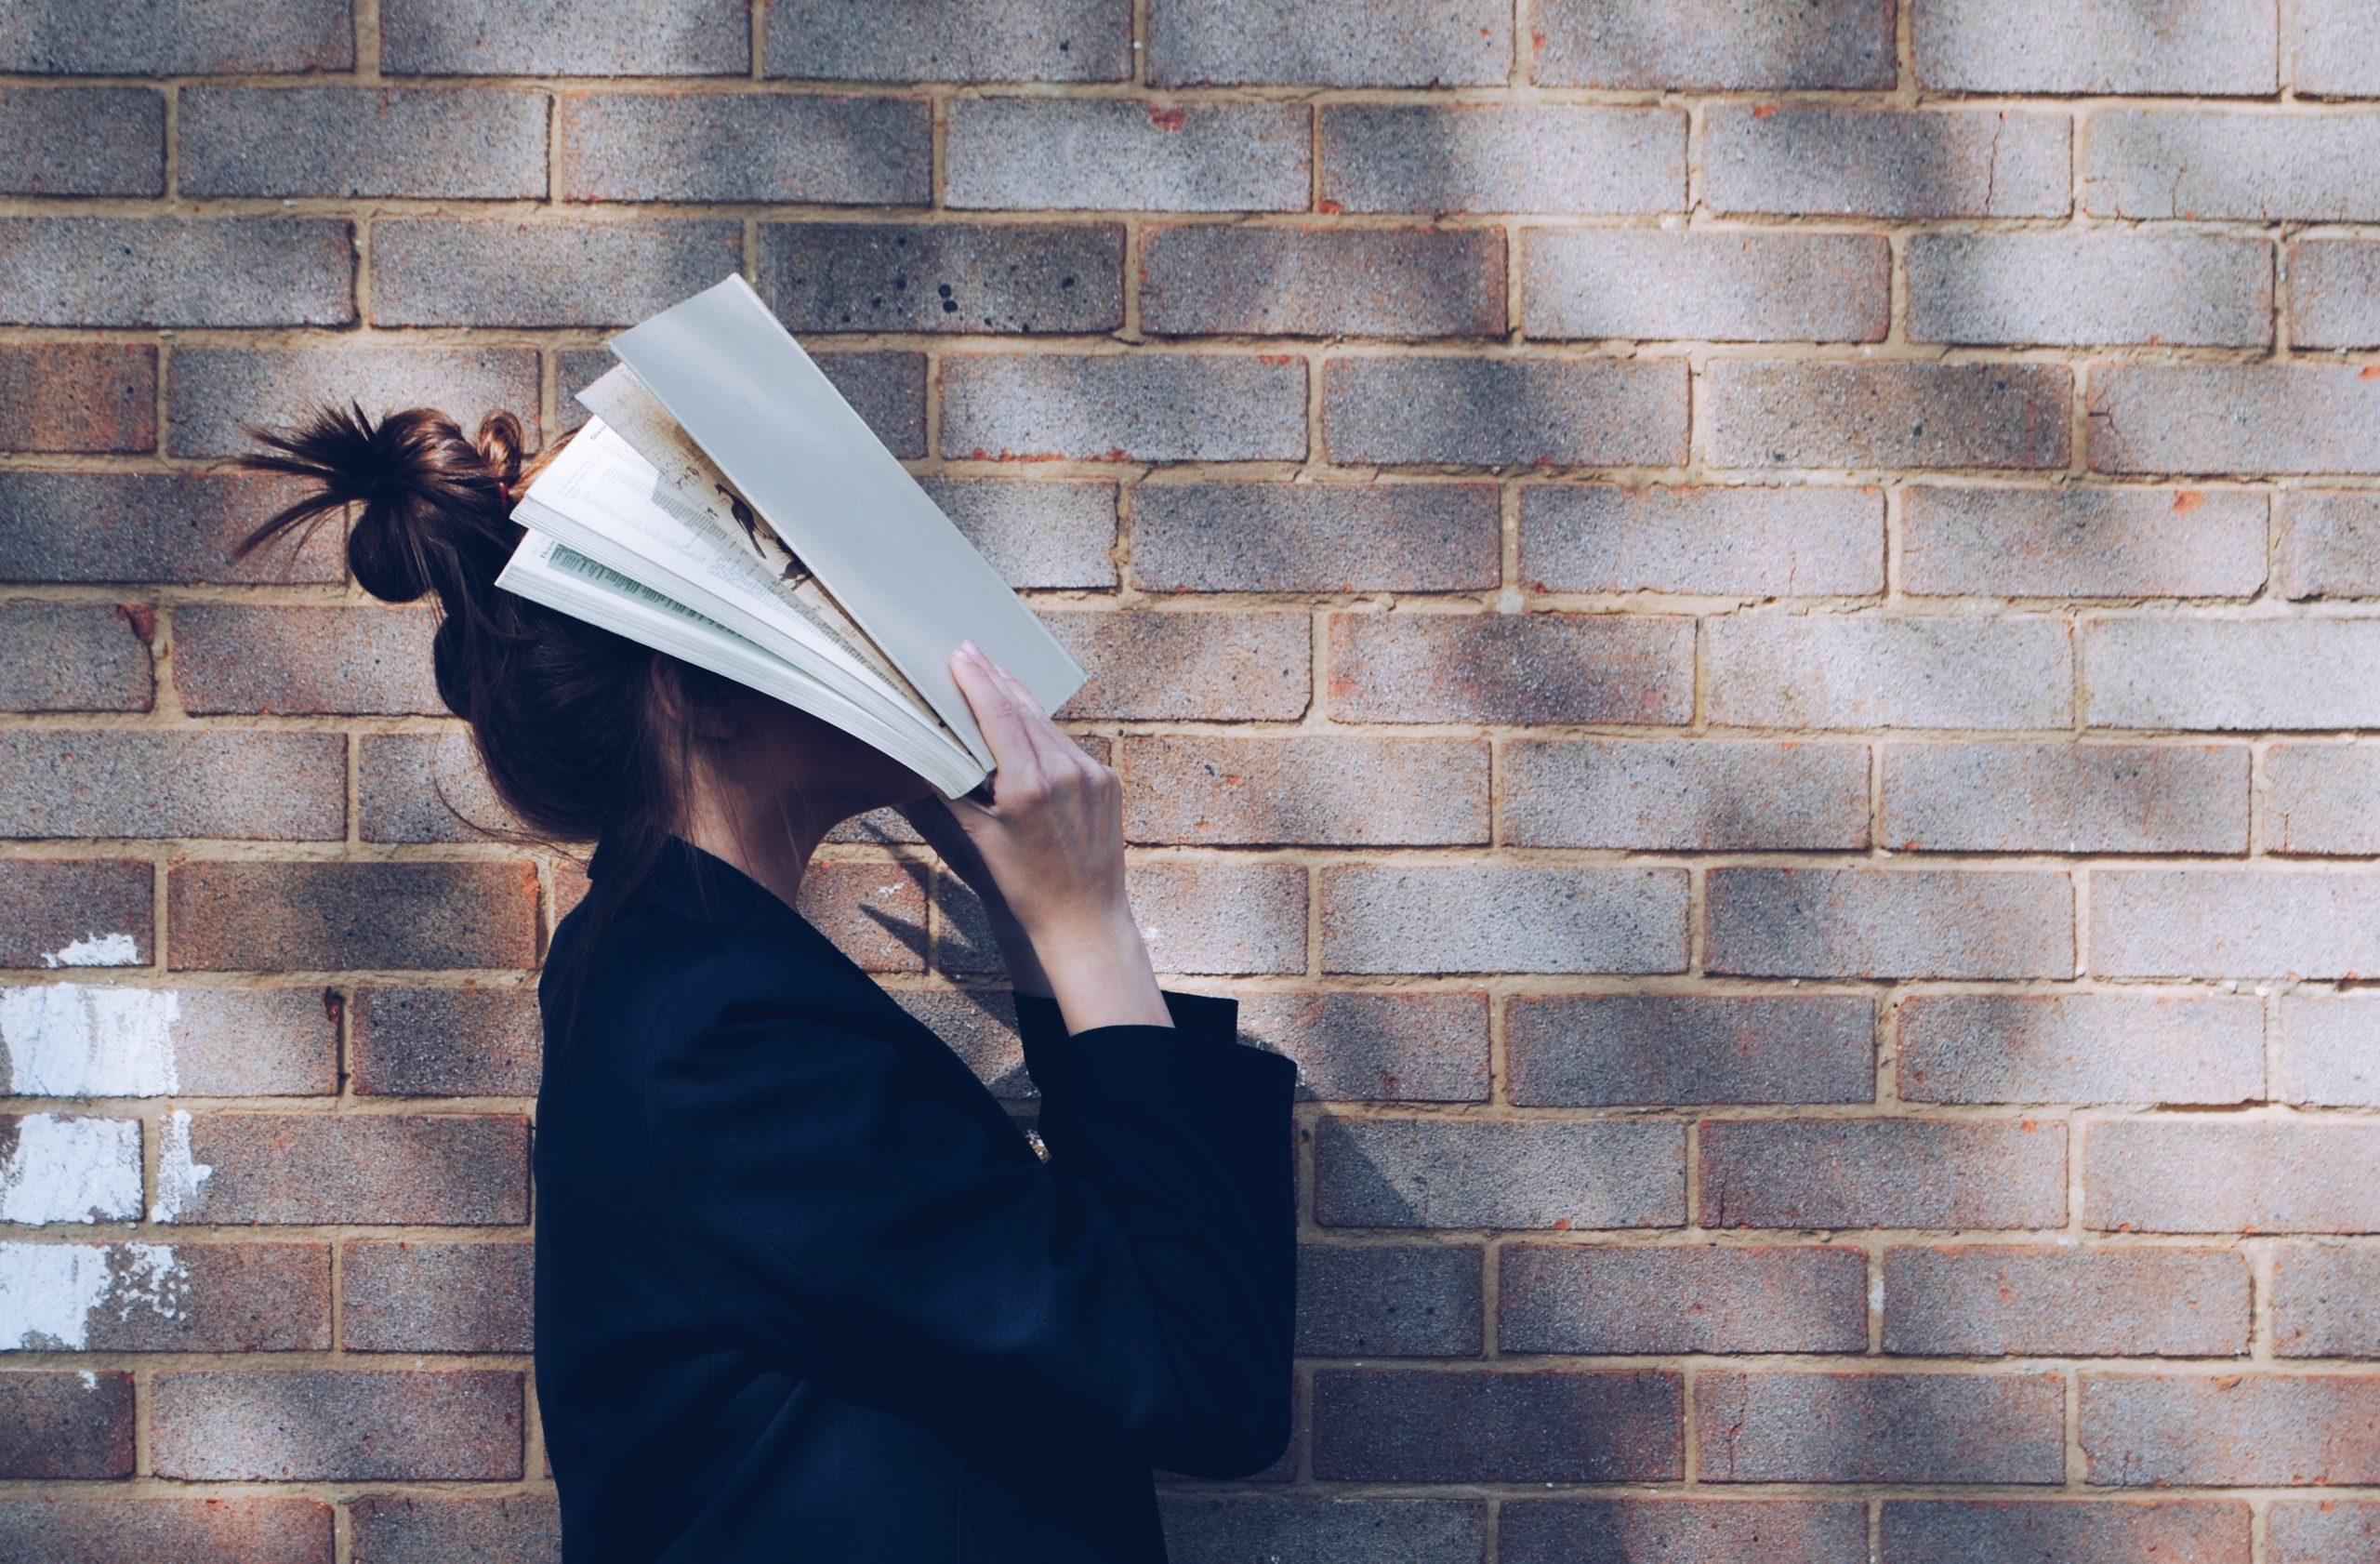 Kiezbuchhandlung, Bücherei, Buchhandlung, ebook